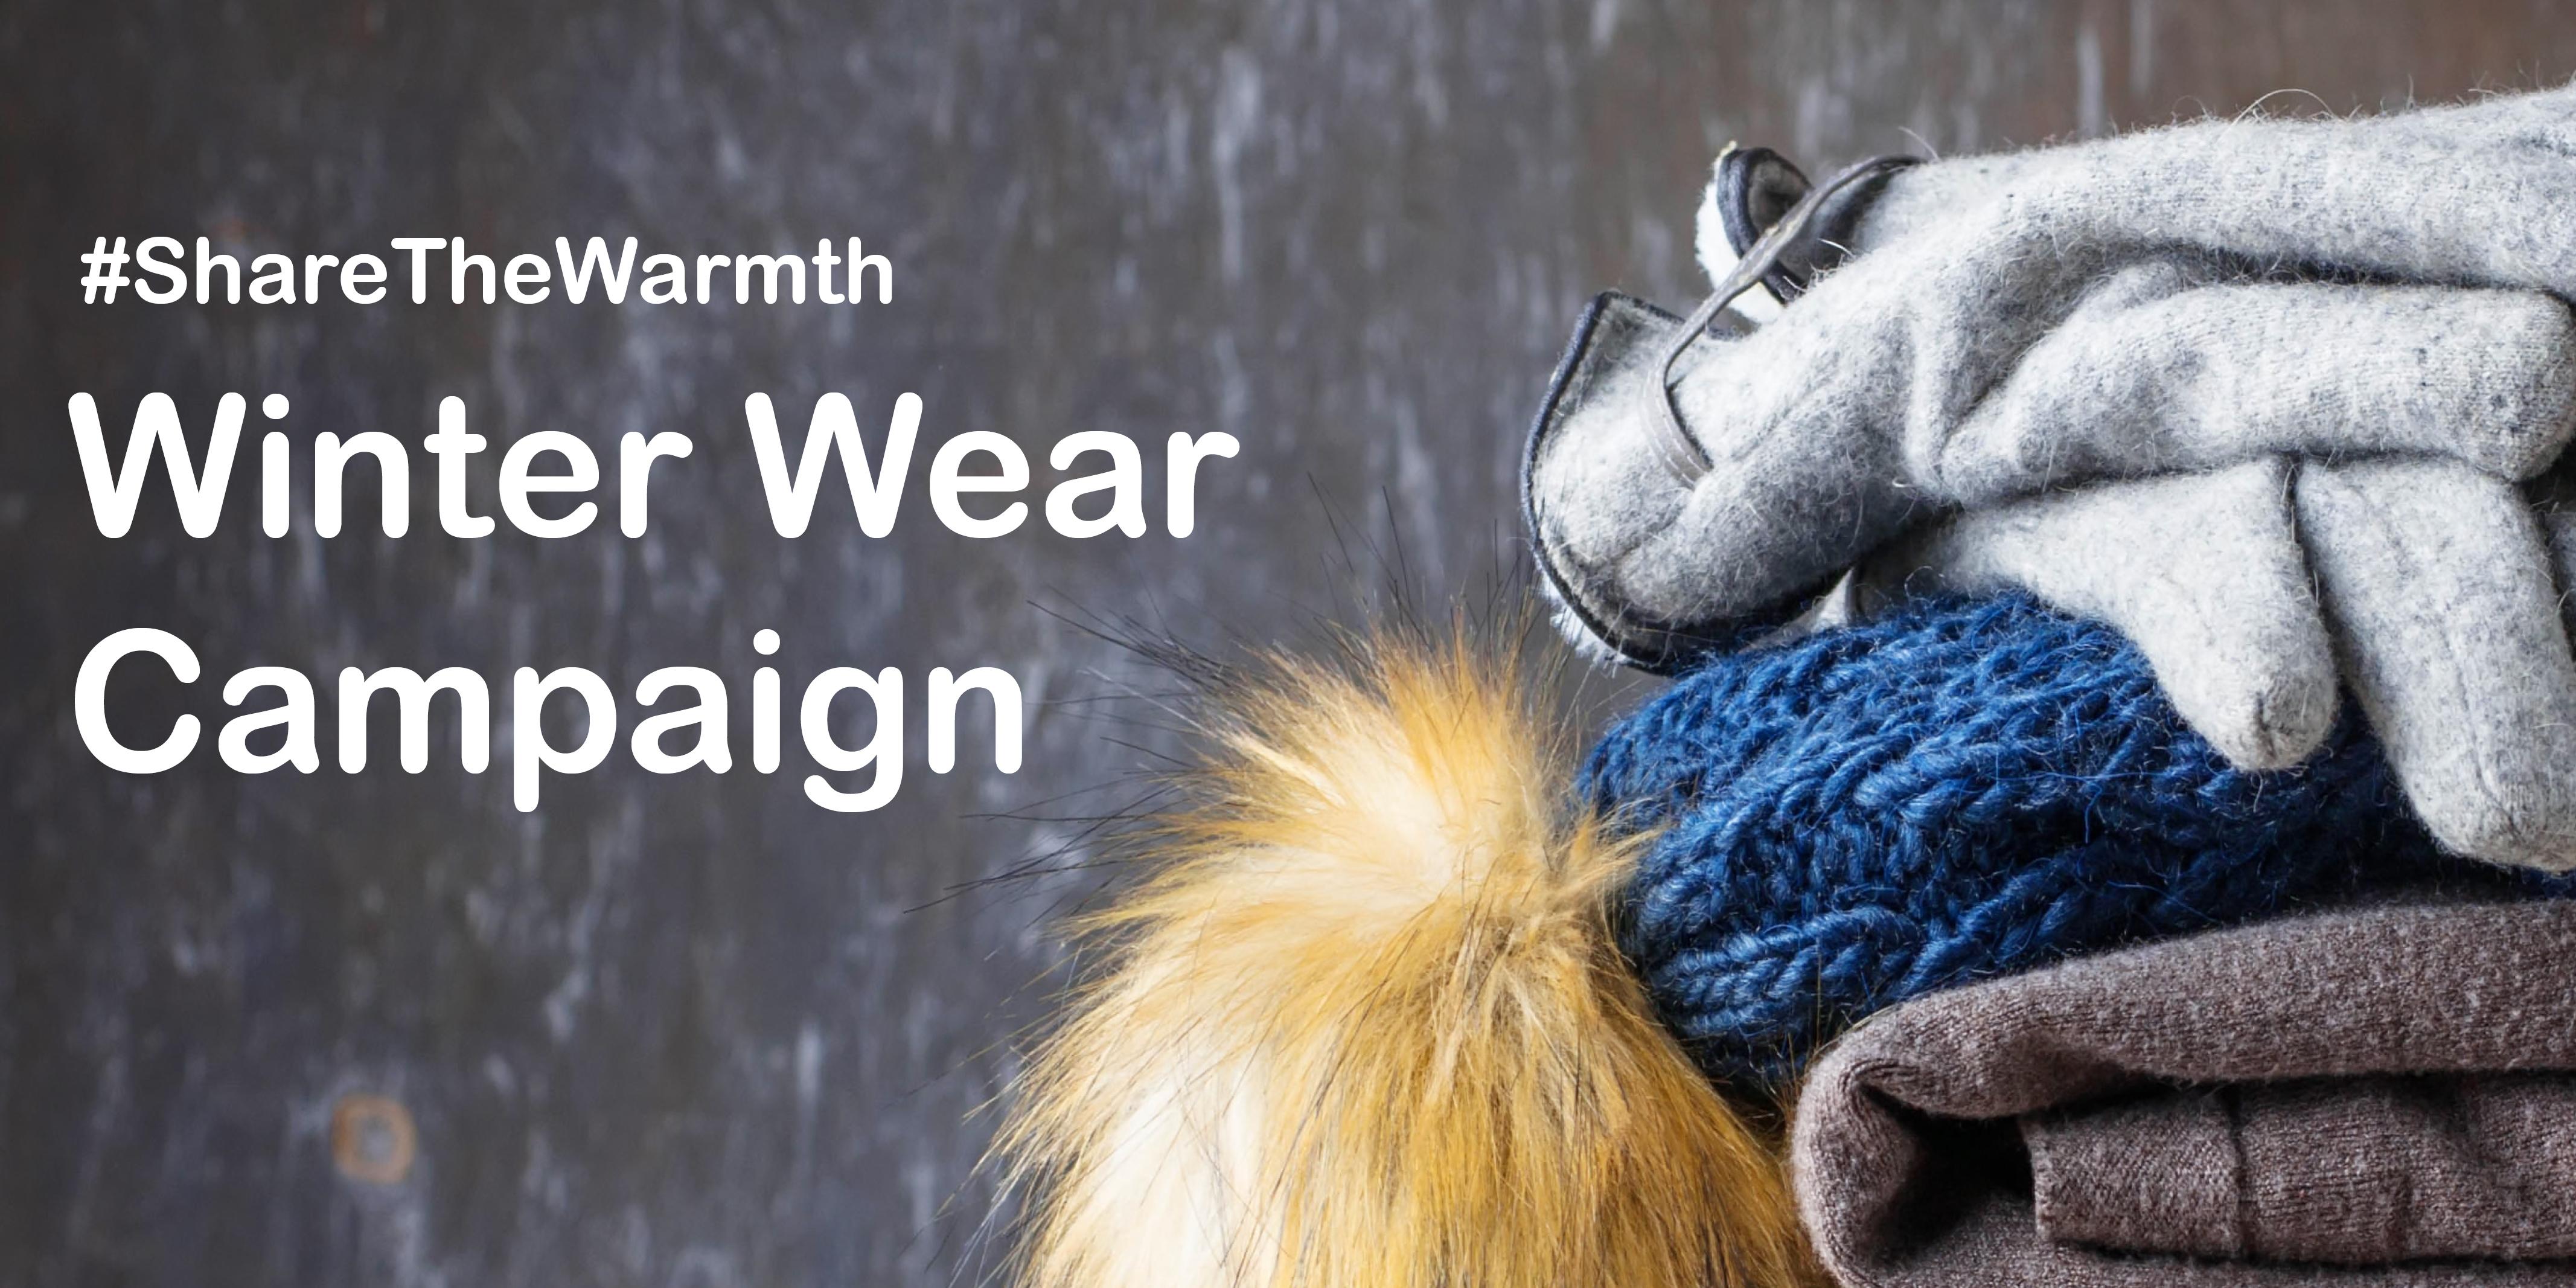 #ShareTheWarmth Winter Wear Campaign